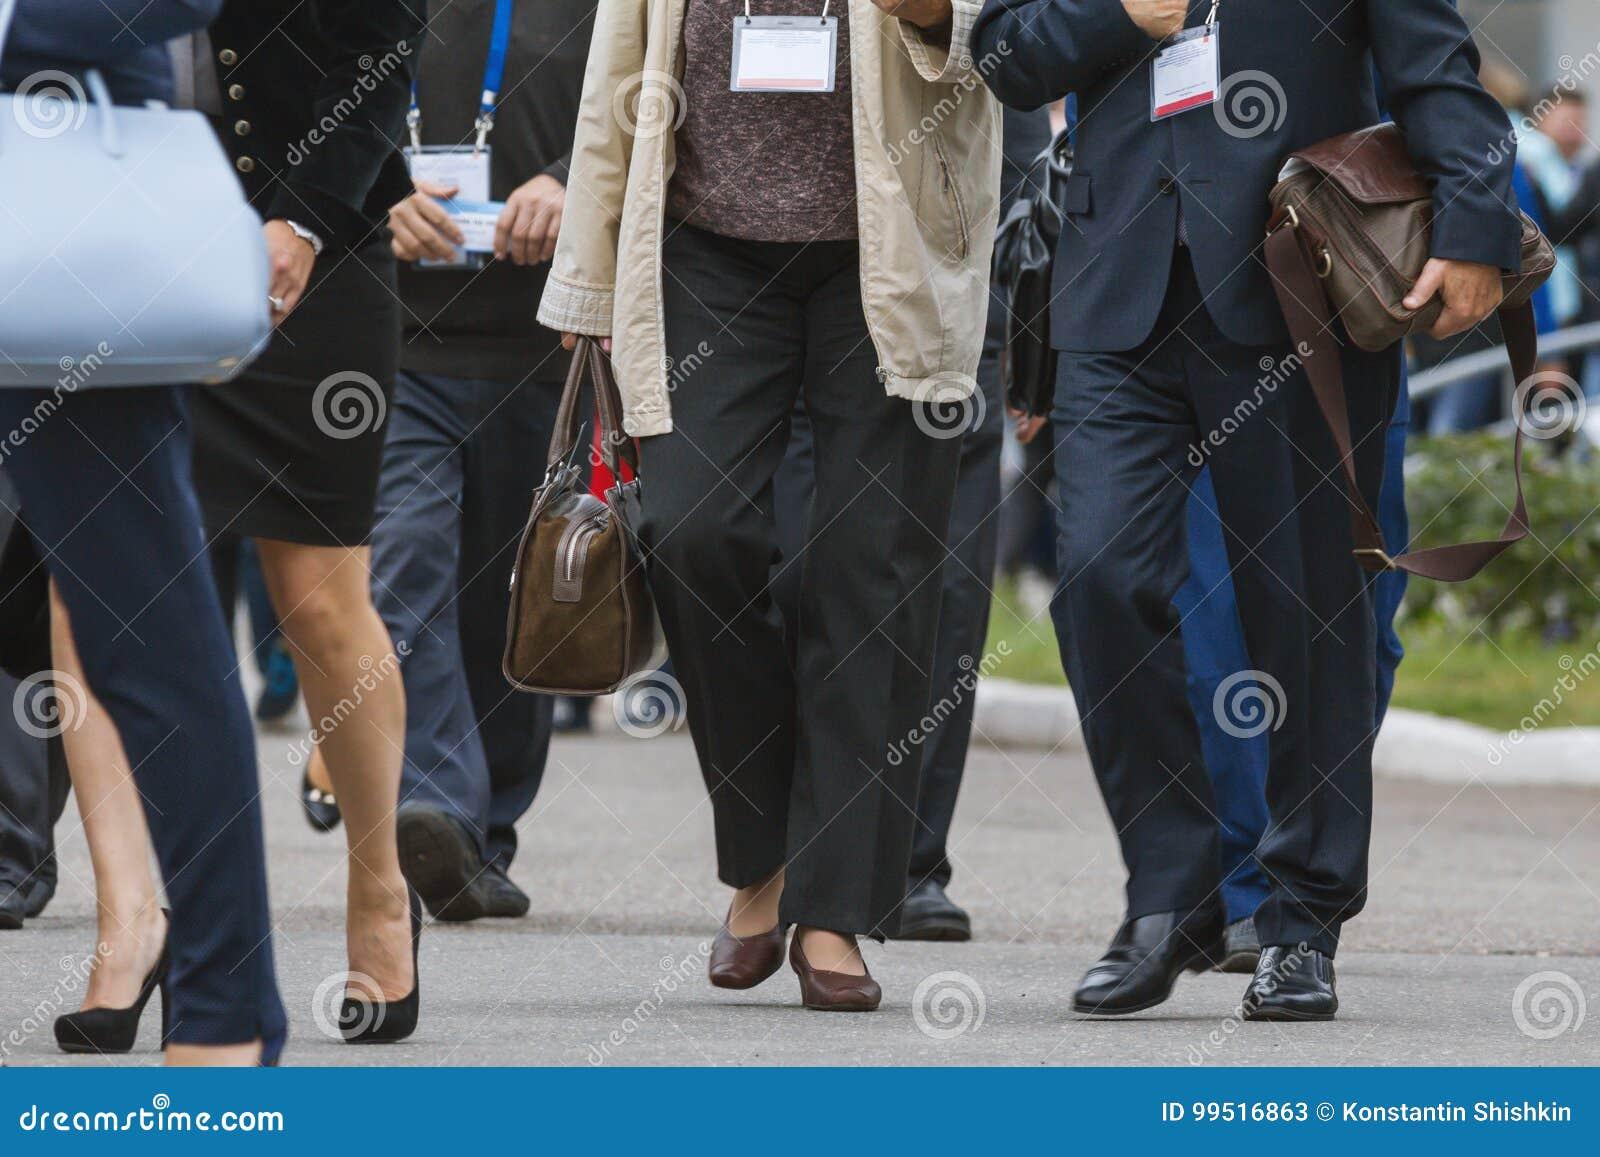 Επιχειρηματίες και επιχειρηματίες που περπατούν κατά μήκος της οδού στη διάσκεψη ή την έκθεση